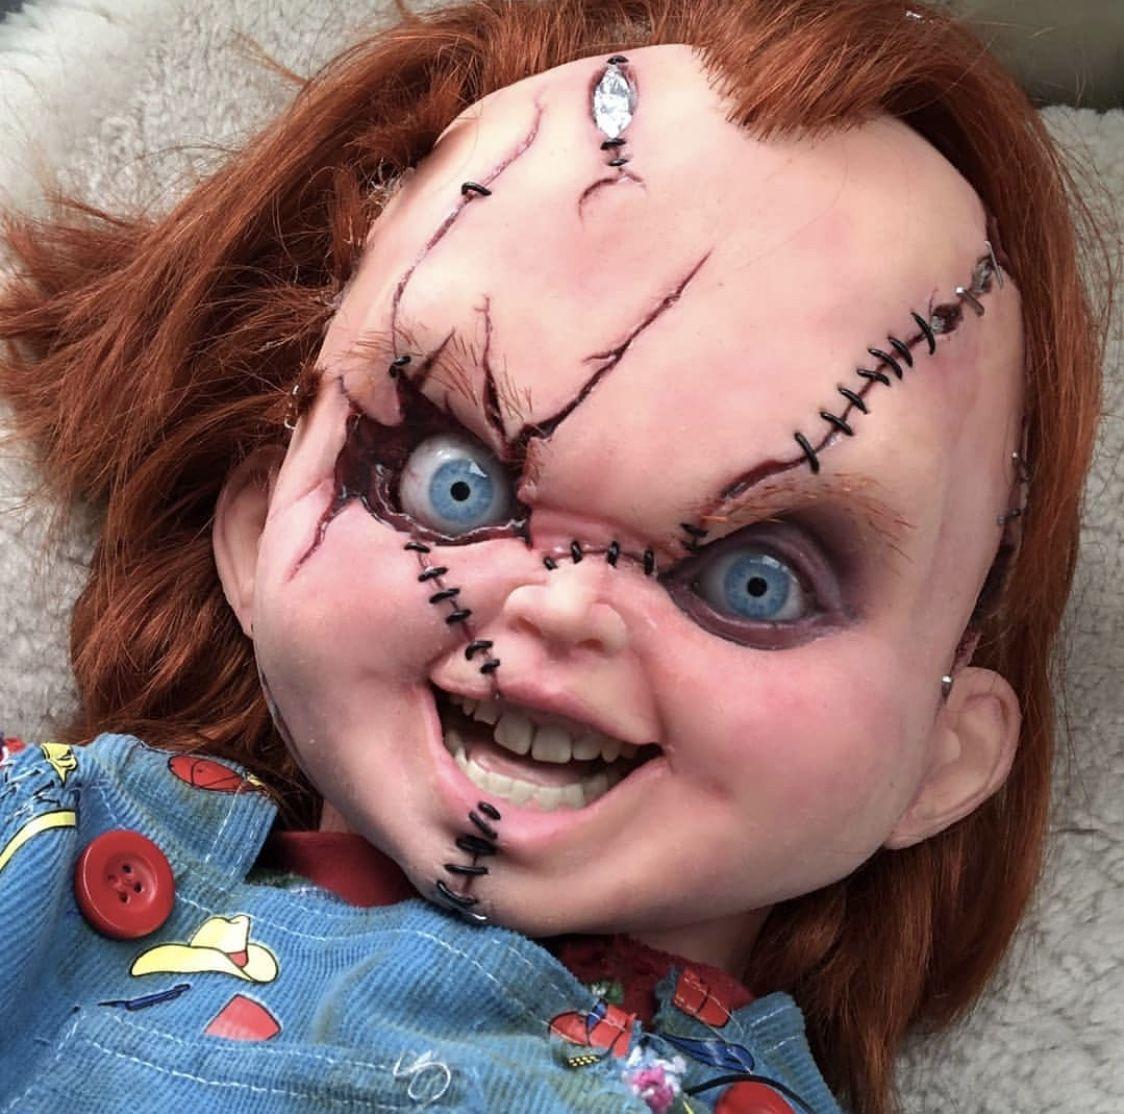 Pin by Raider Chucky on Chucky Chucky, Cool halloween